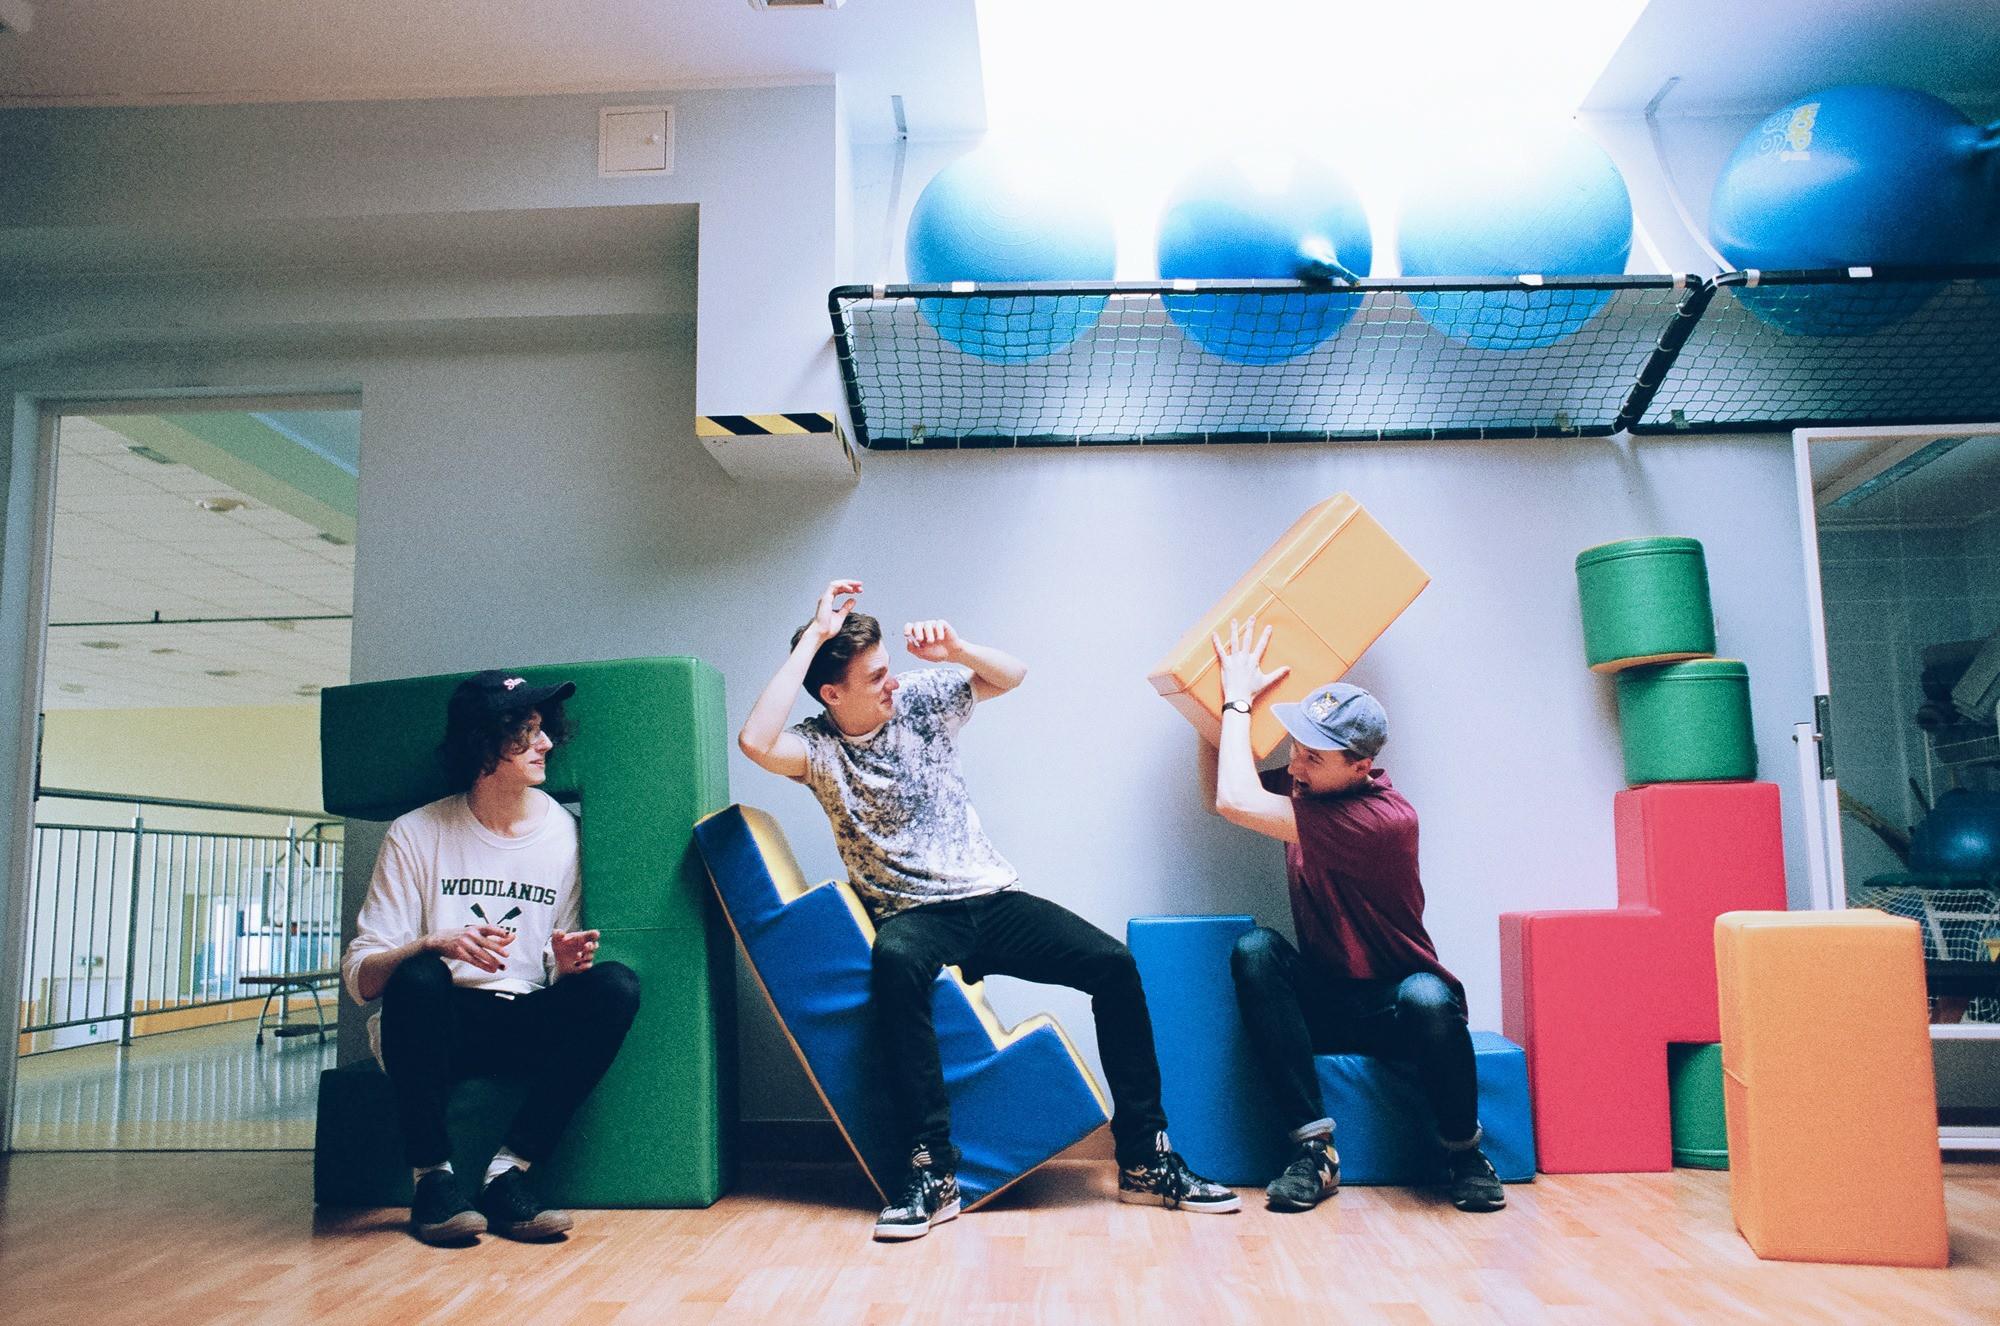 Trzech chłopakow w pokoju zabaw rzucaja sie kolorowymi kwadratami